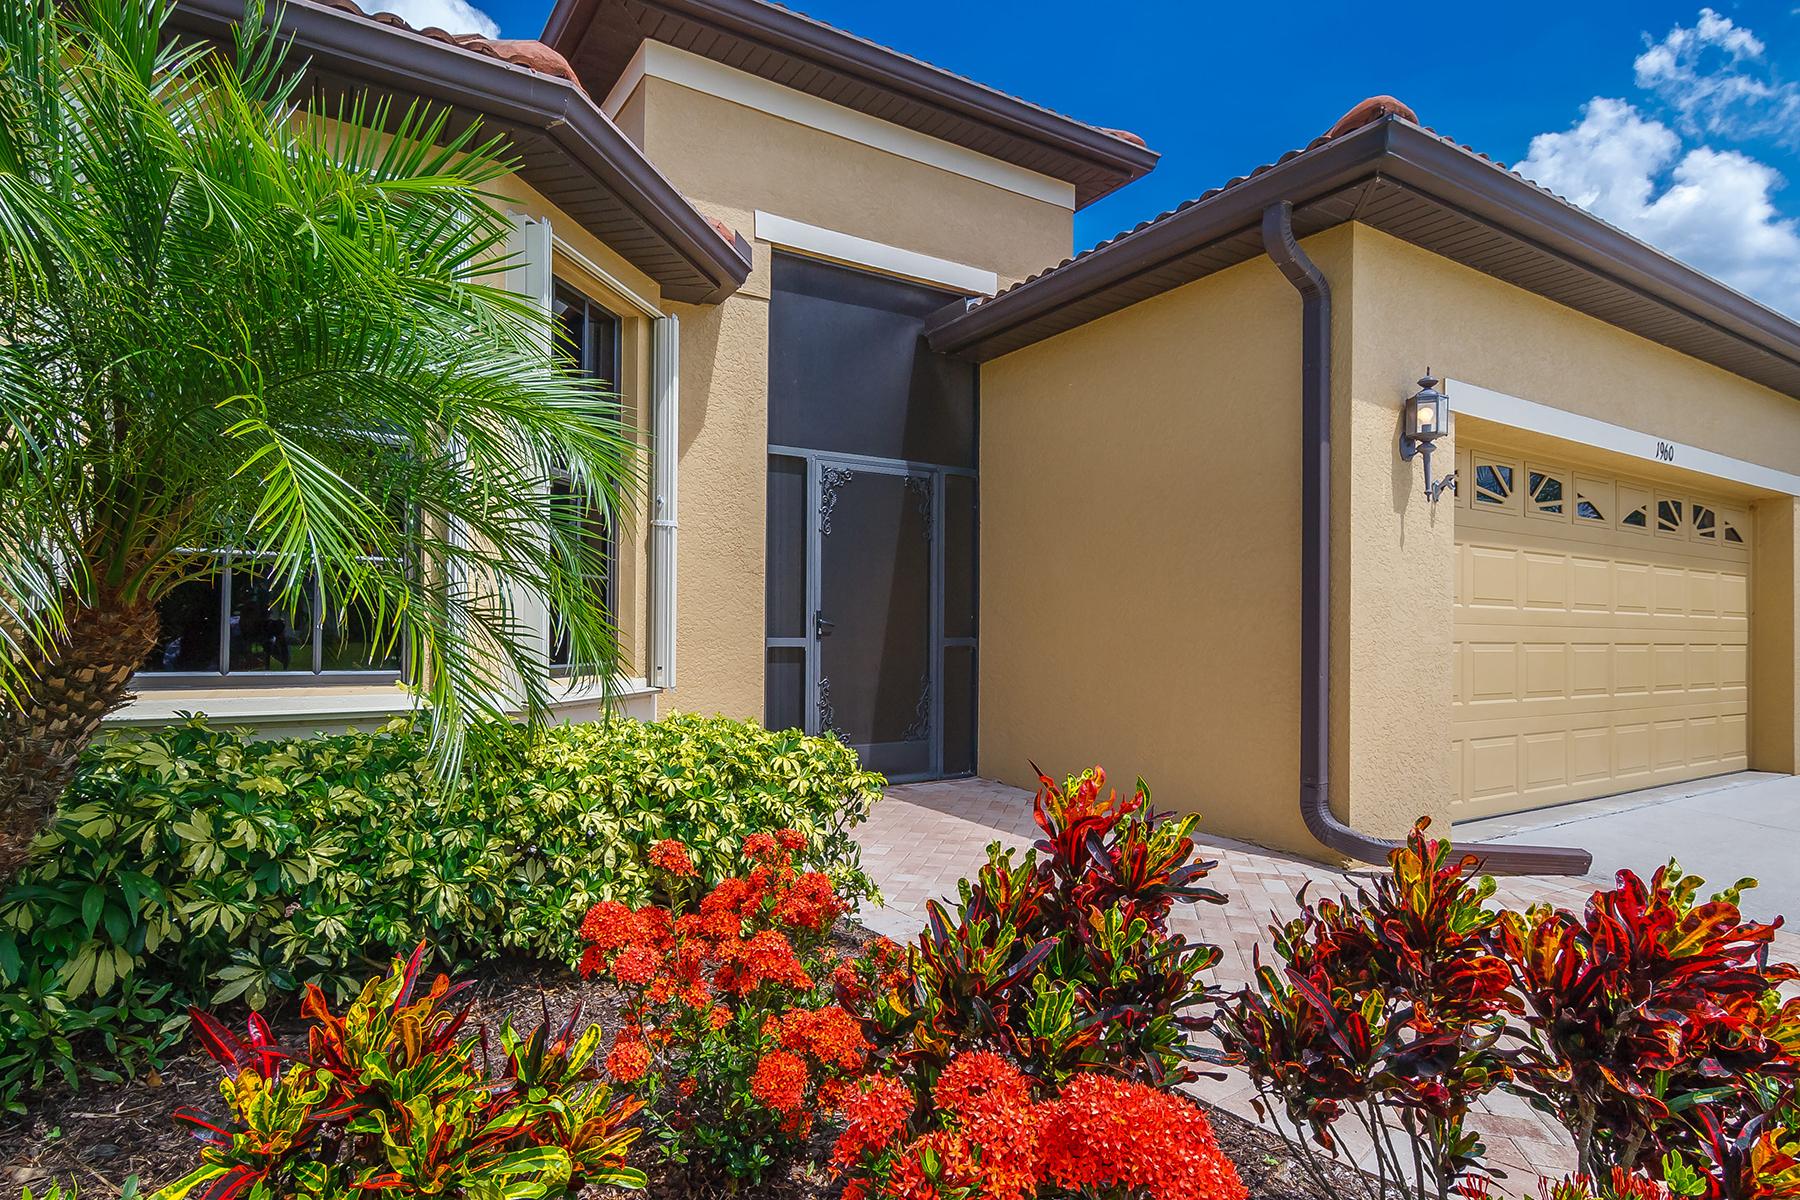 Einfamilienhaus für Verkauf beim VENETIAN FALLS 1960 Batello Dr Venice, Florida, 34292 Vereinigte Staaten